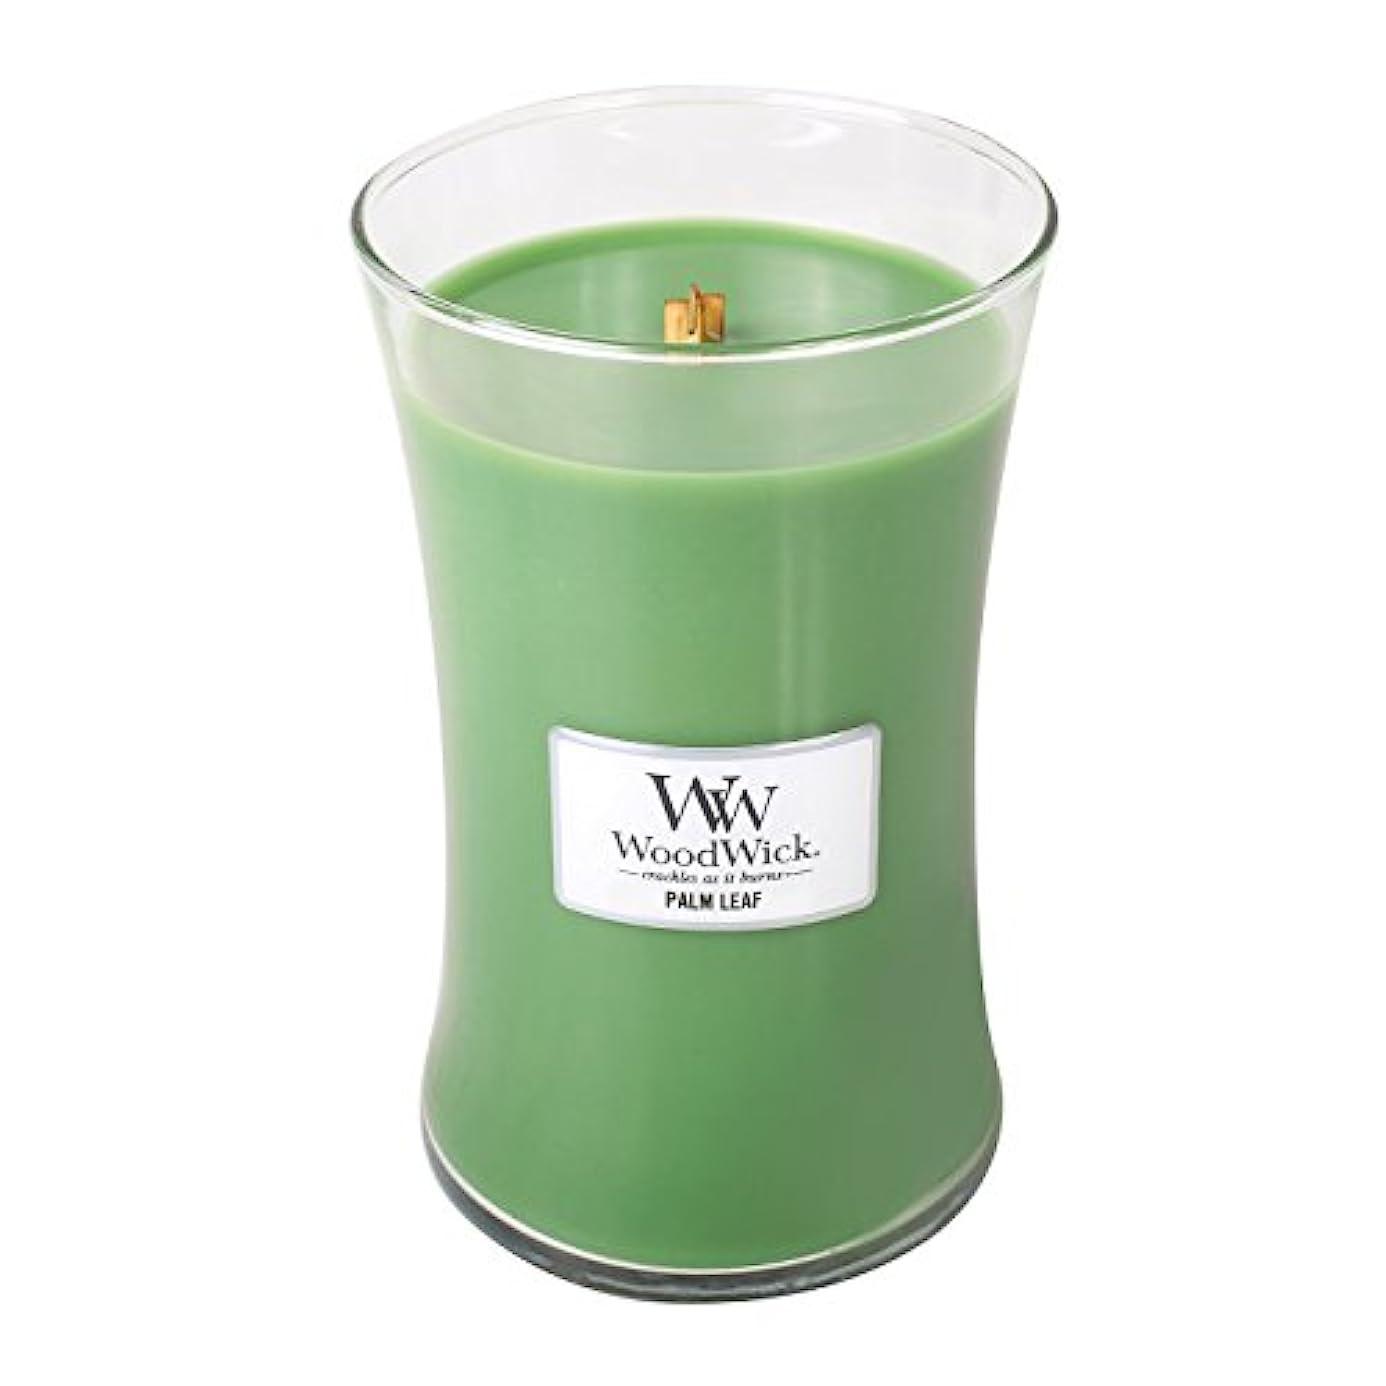 路地差別するサミュエルWoodWick PALM LEAF, Highly Scented Candle, Classic Hourglass Jar, Large 18cm, 640ml